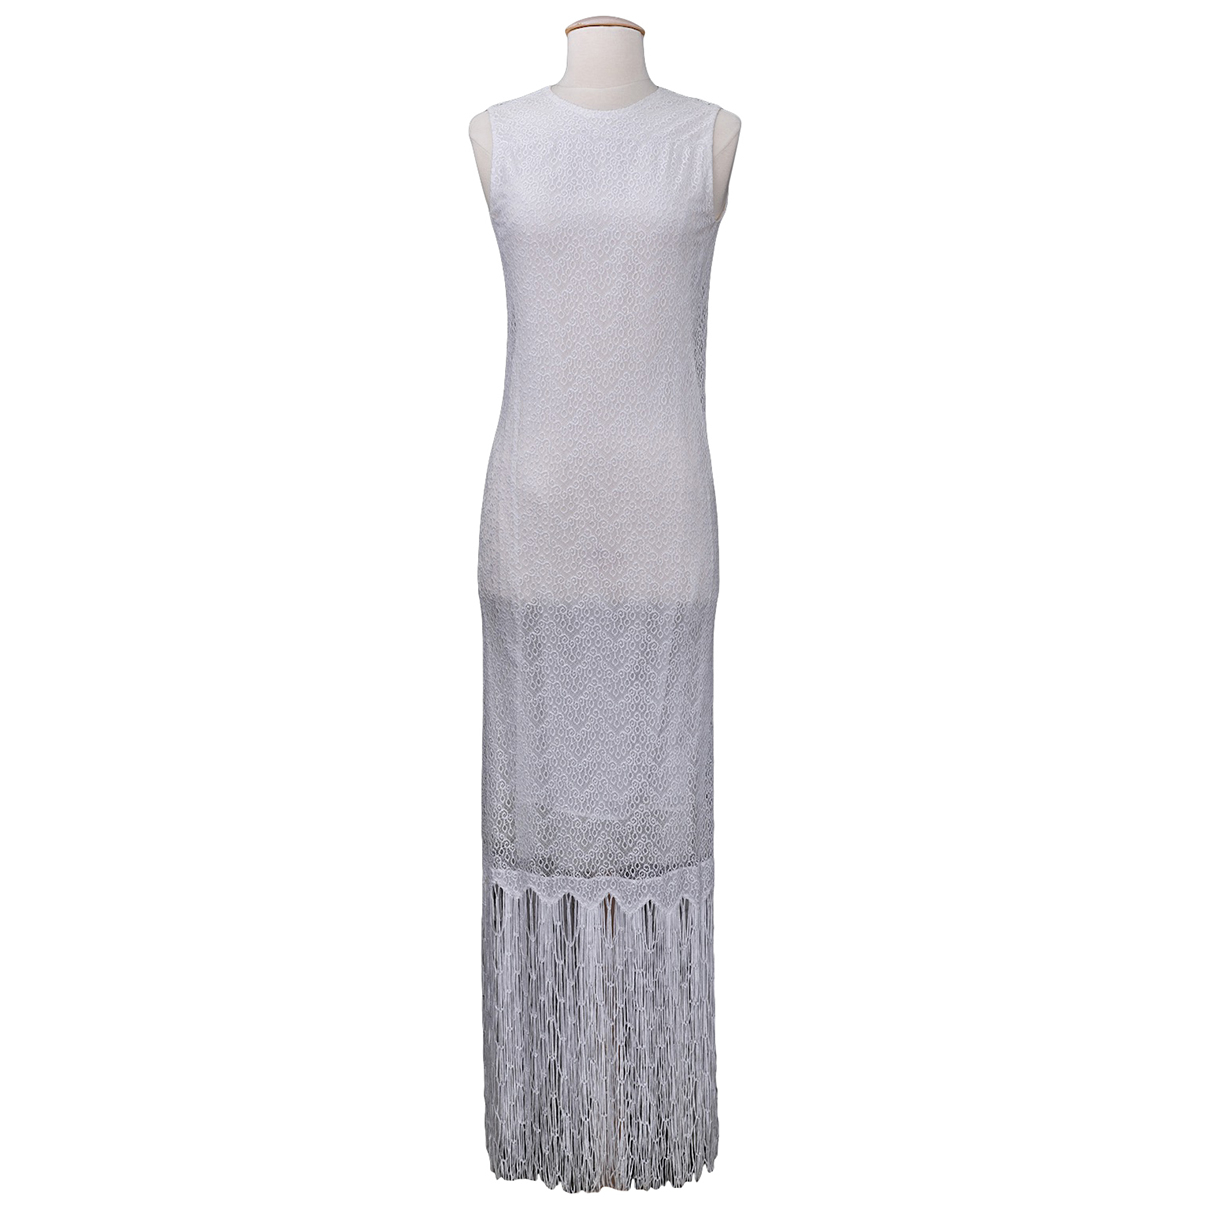 Carven N White Cotton dress for Women 36 FR